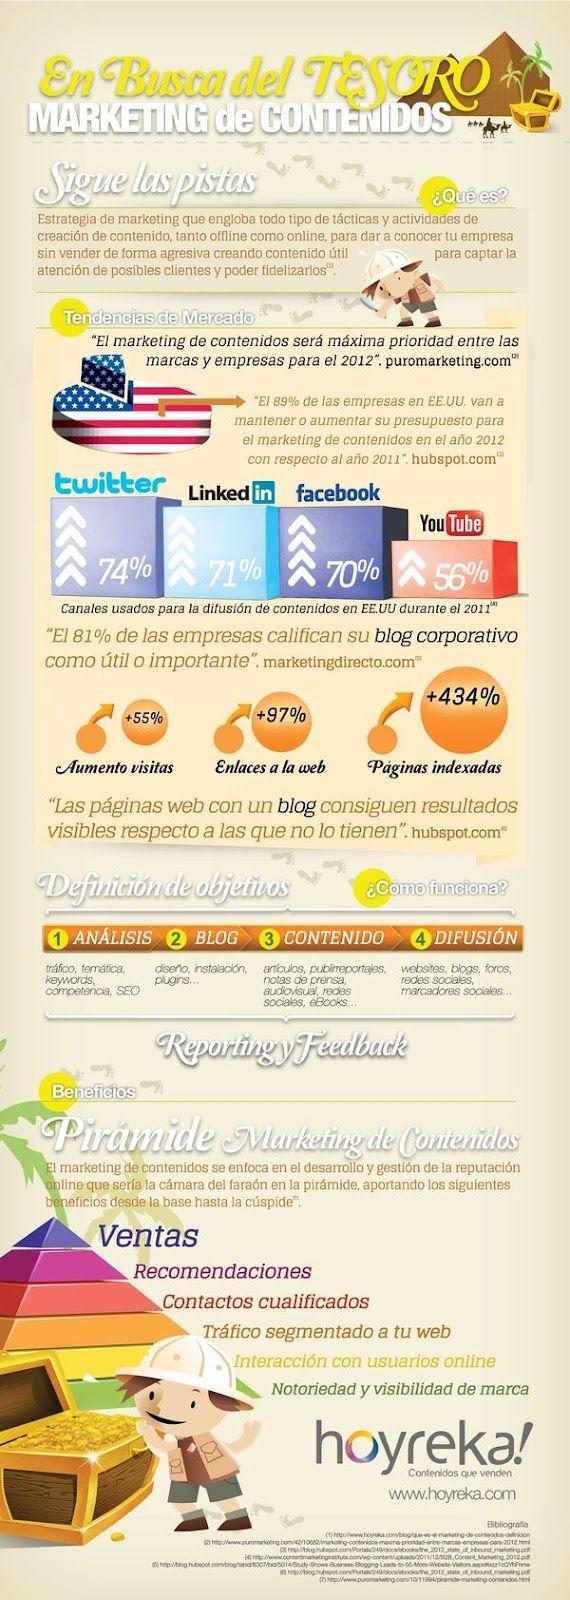 Content management. 2012: Content, Social Media Marketing,  Website, Marketing De, Del Tesoro, Web Site, Busca Del, Socialmedia, Content Marketing